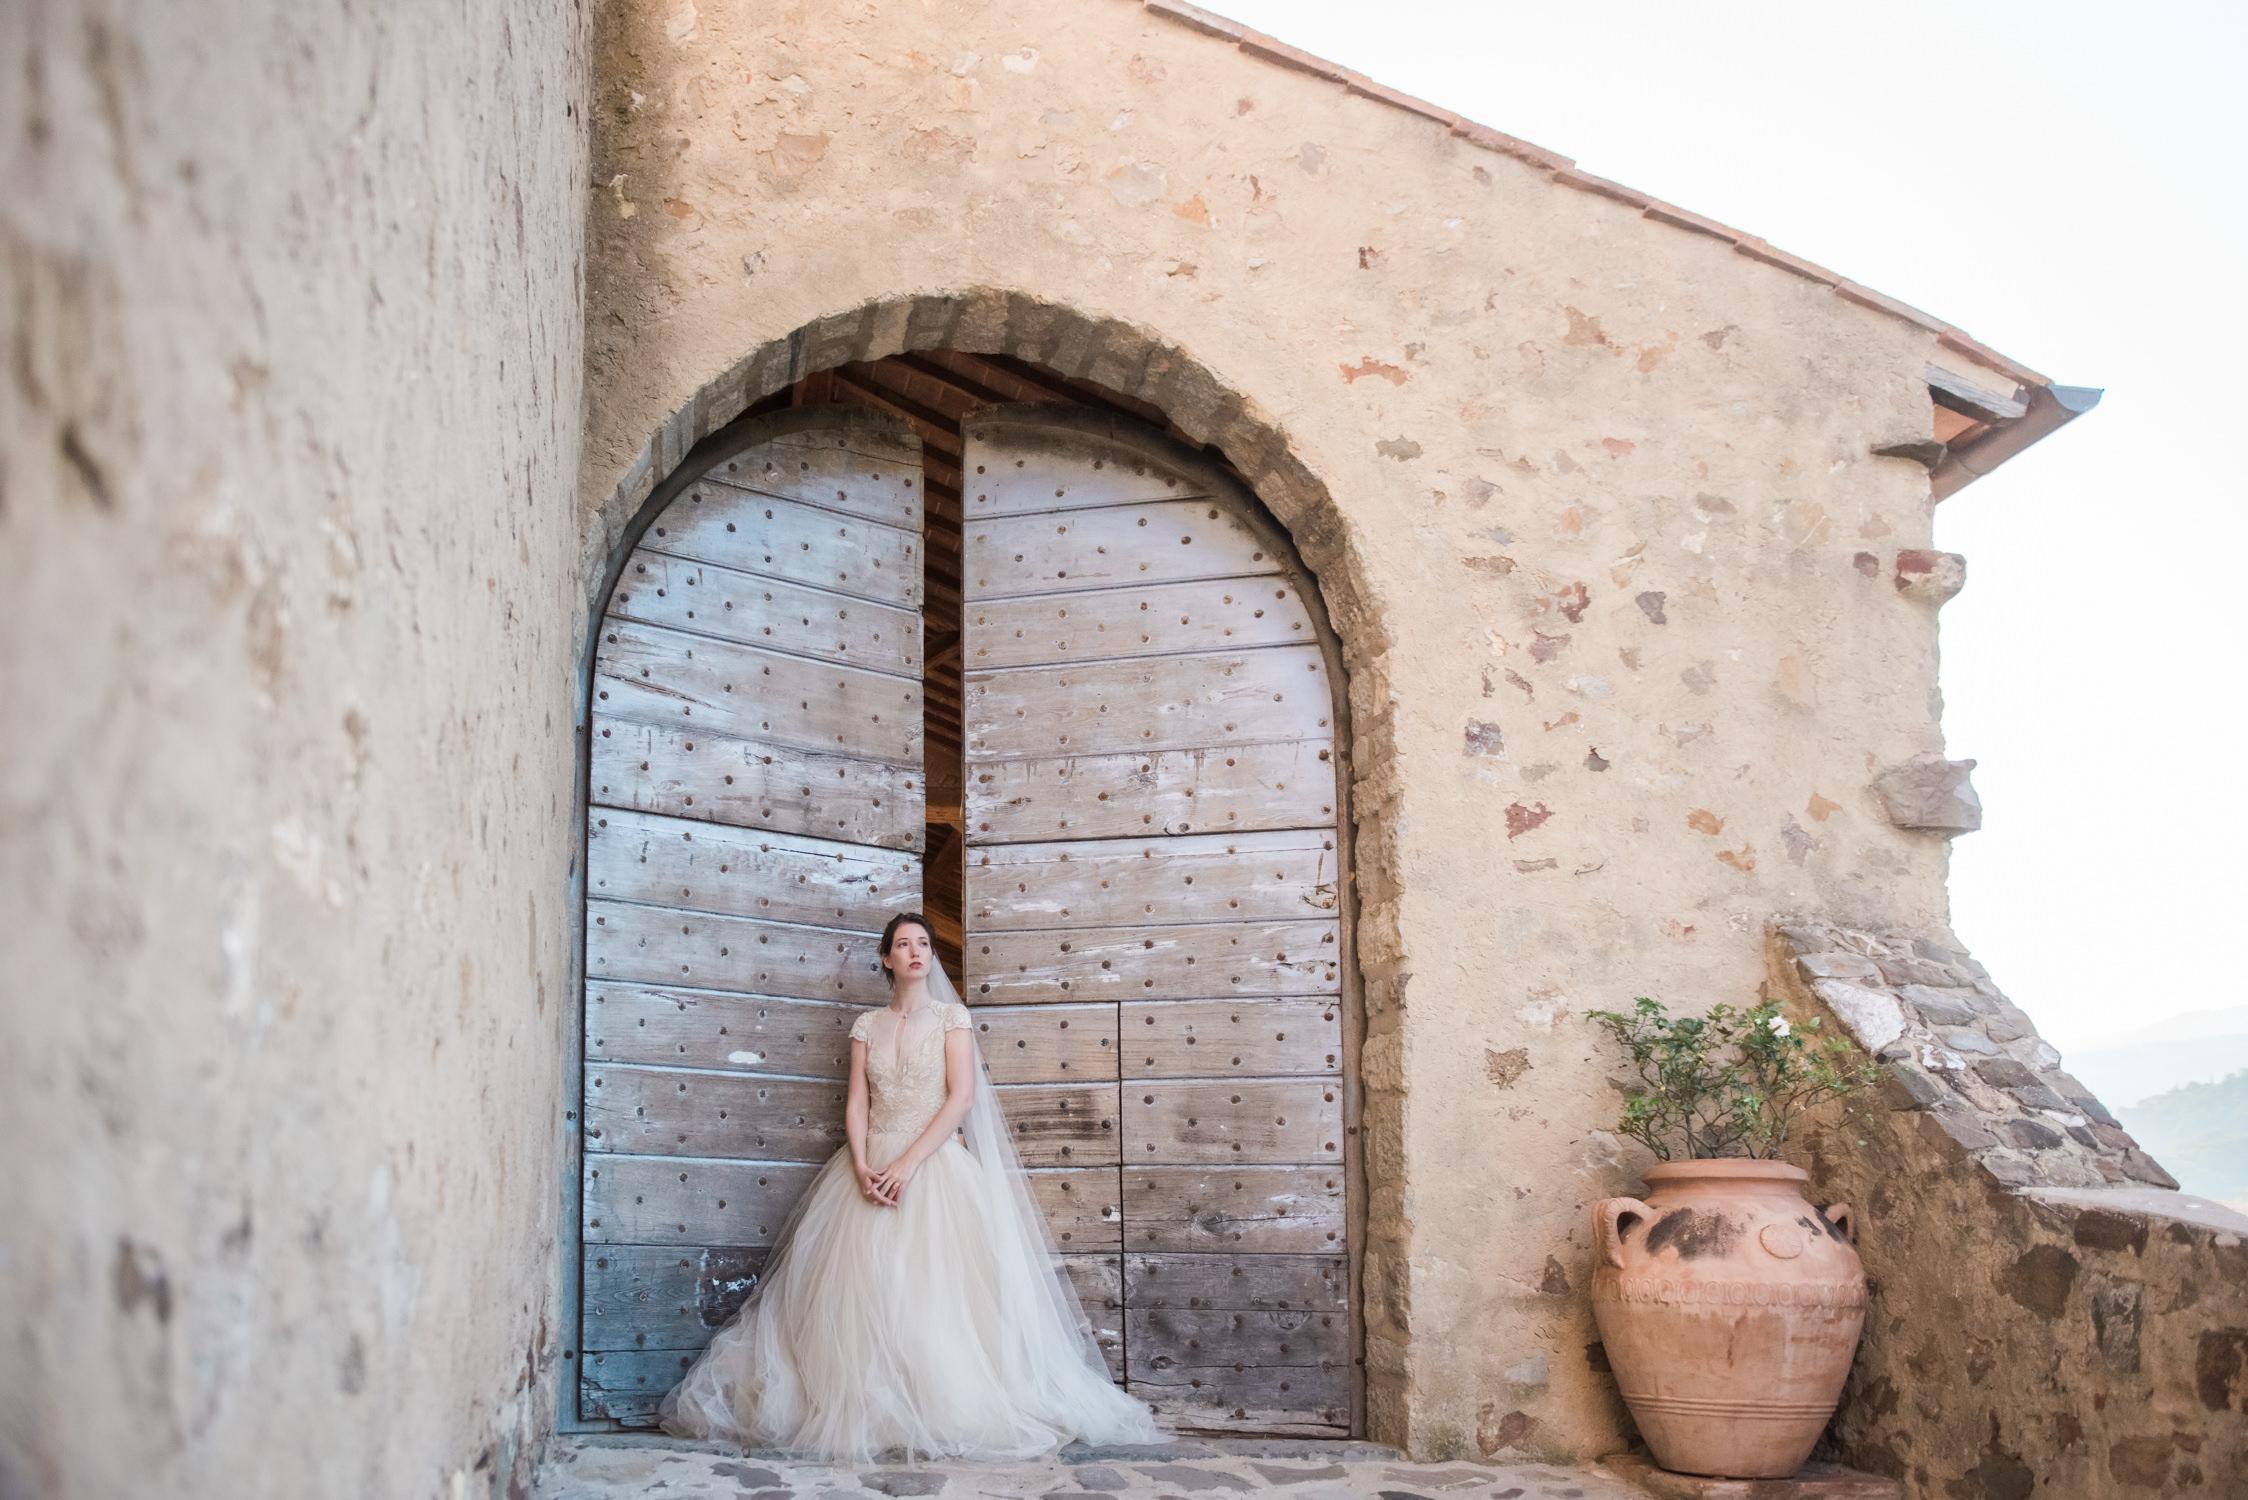 Een bruid in een Maria Lluisa Rabell trouwjurk tijdens een bruiloft gestyled door Honey & Cinnamon Wed